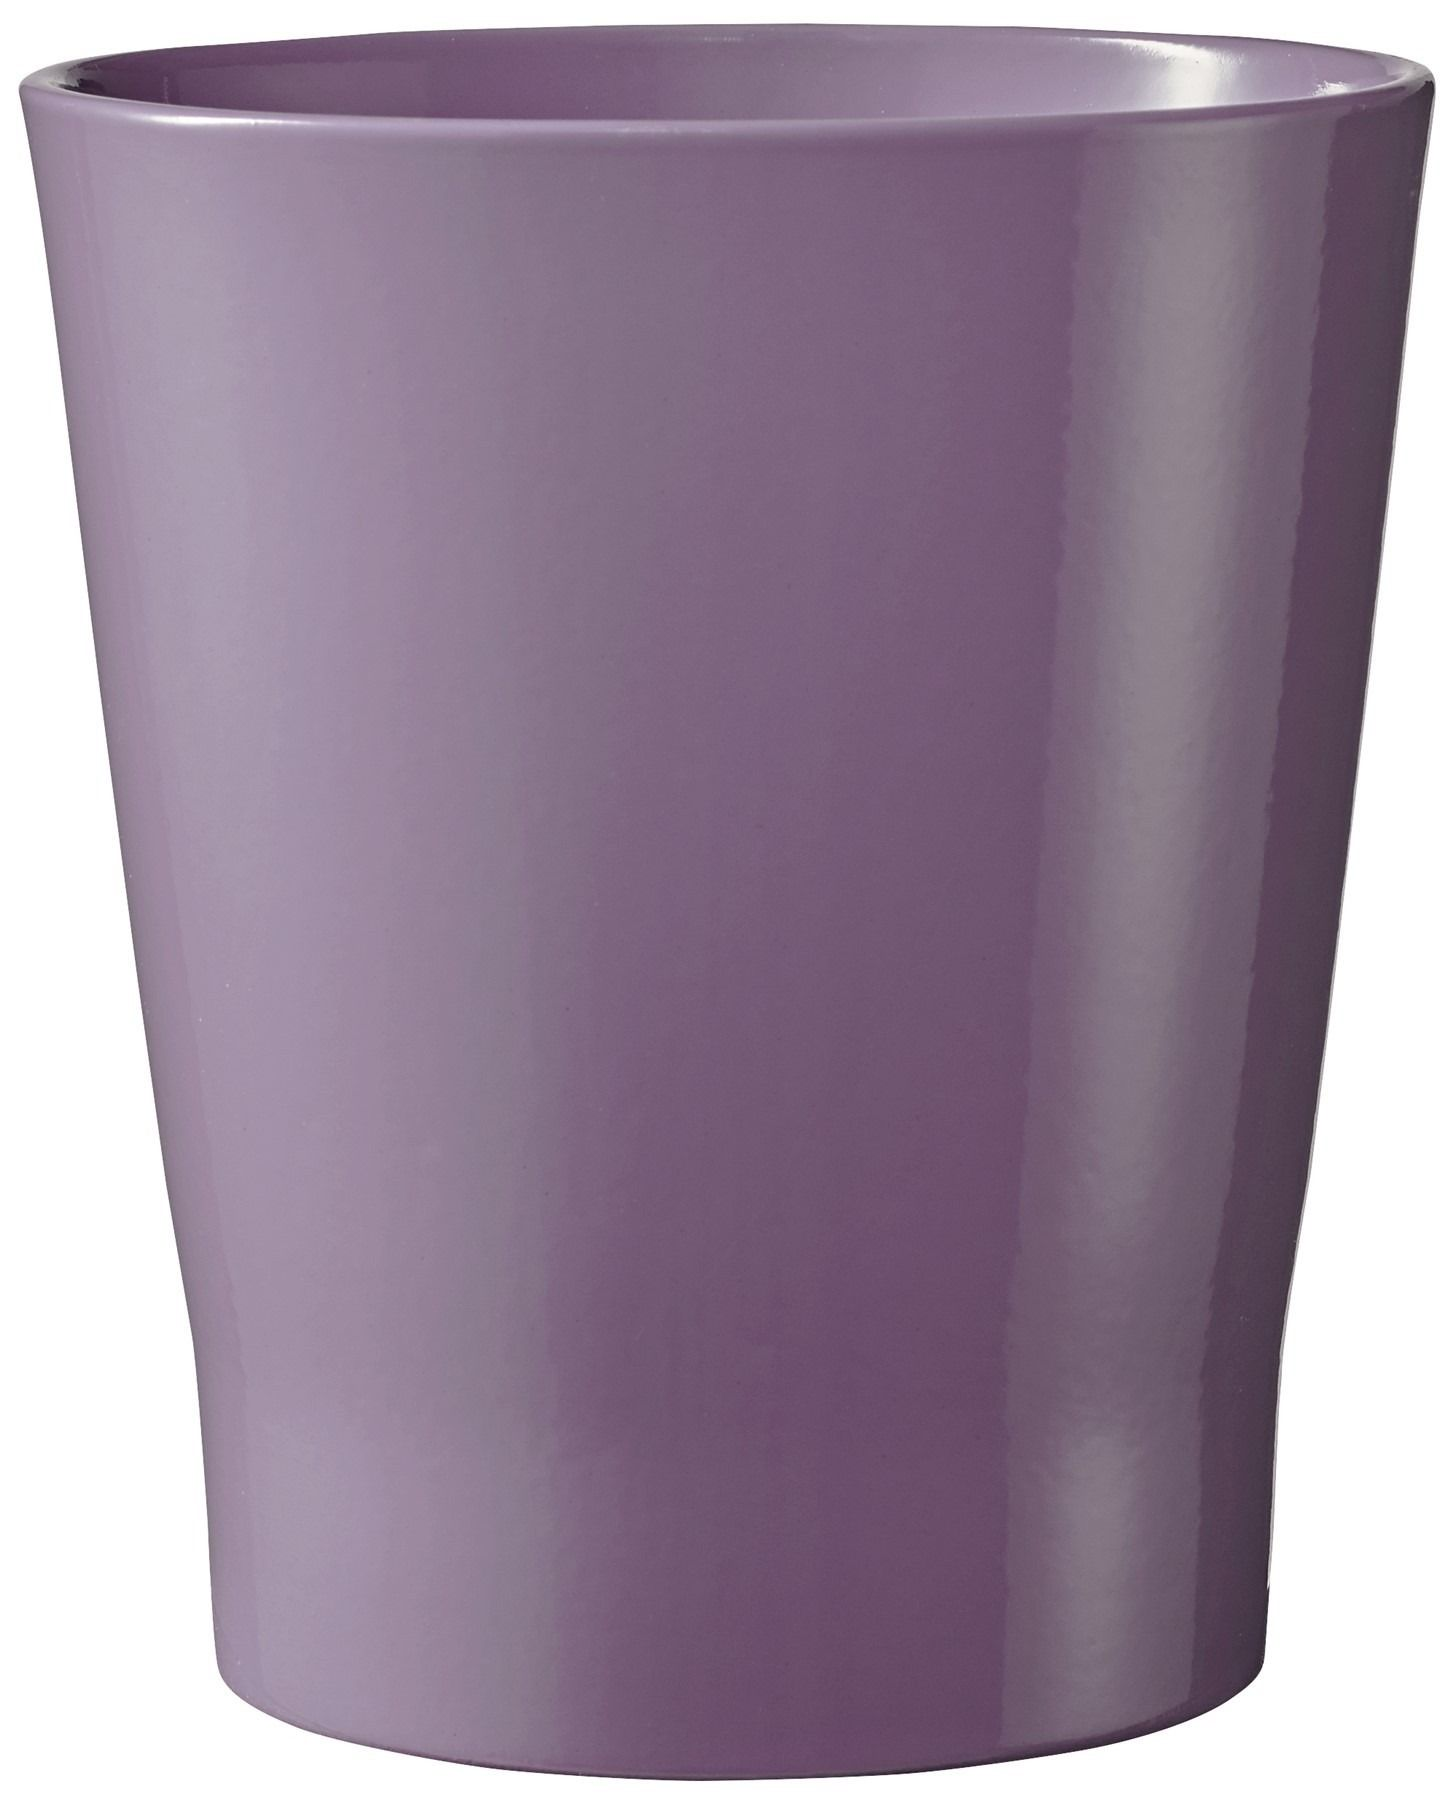 Merina Orchid Vase Shiny Antique Lilac (W7cm x H8cm)